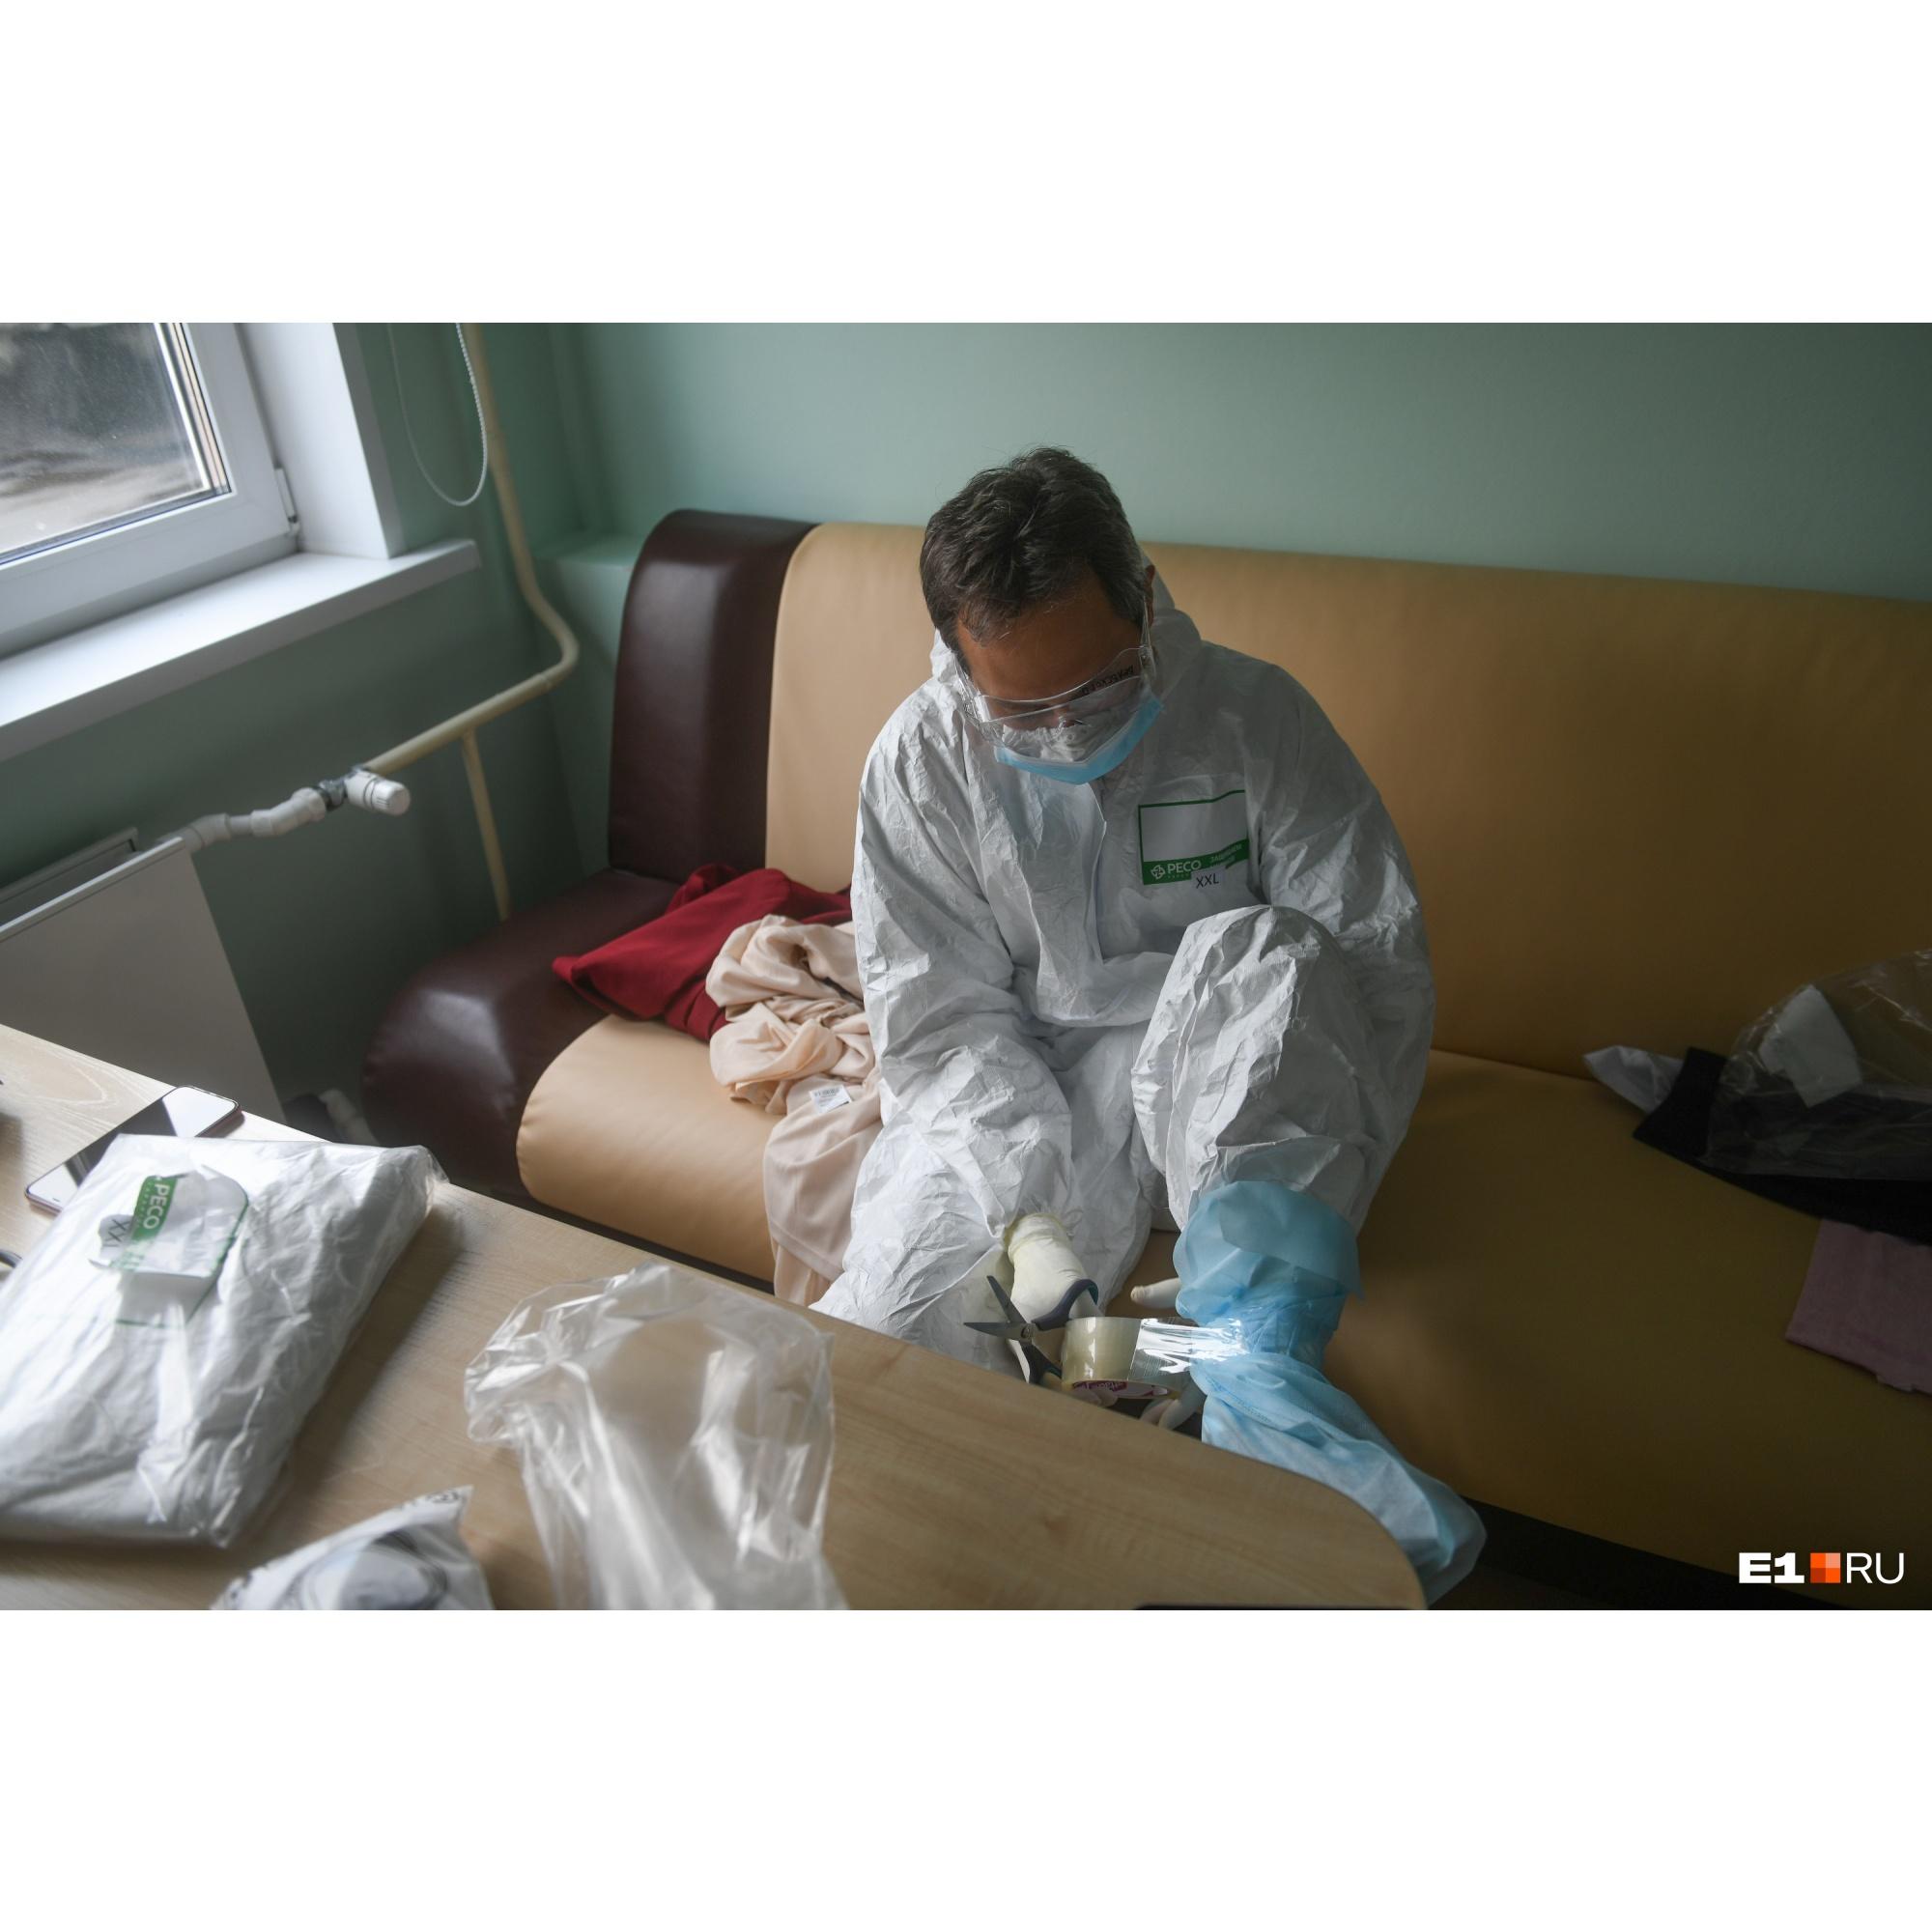 Специальные СИЗы доставляли врачам много неудобств